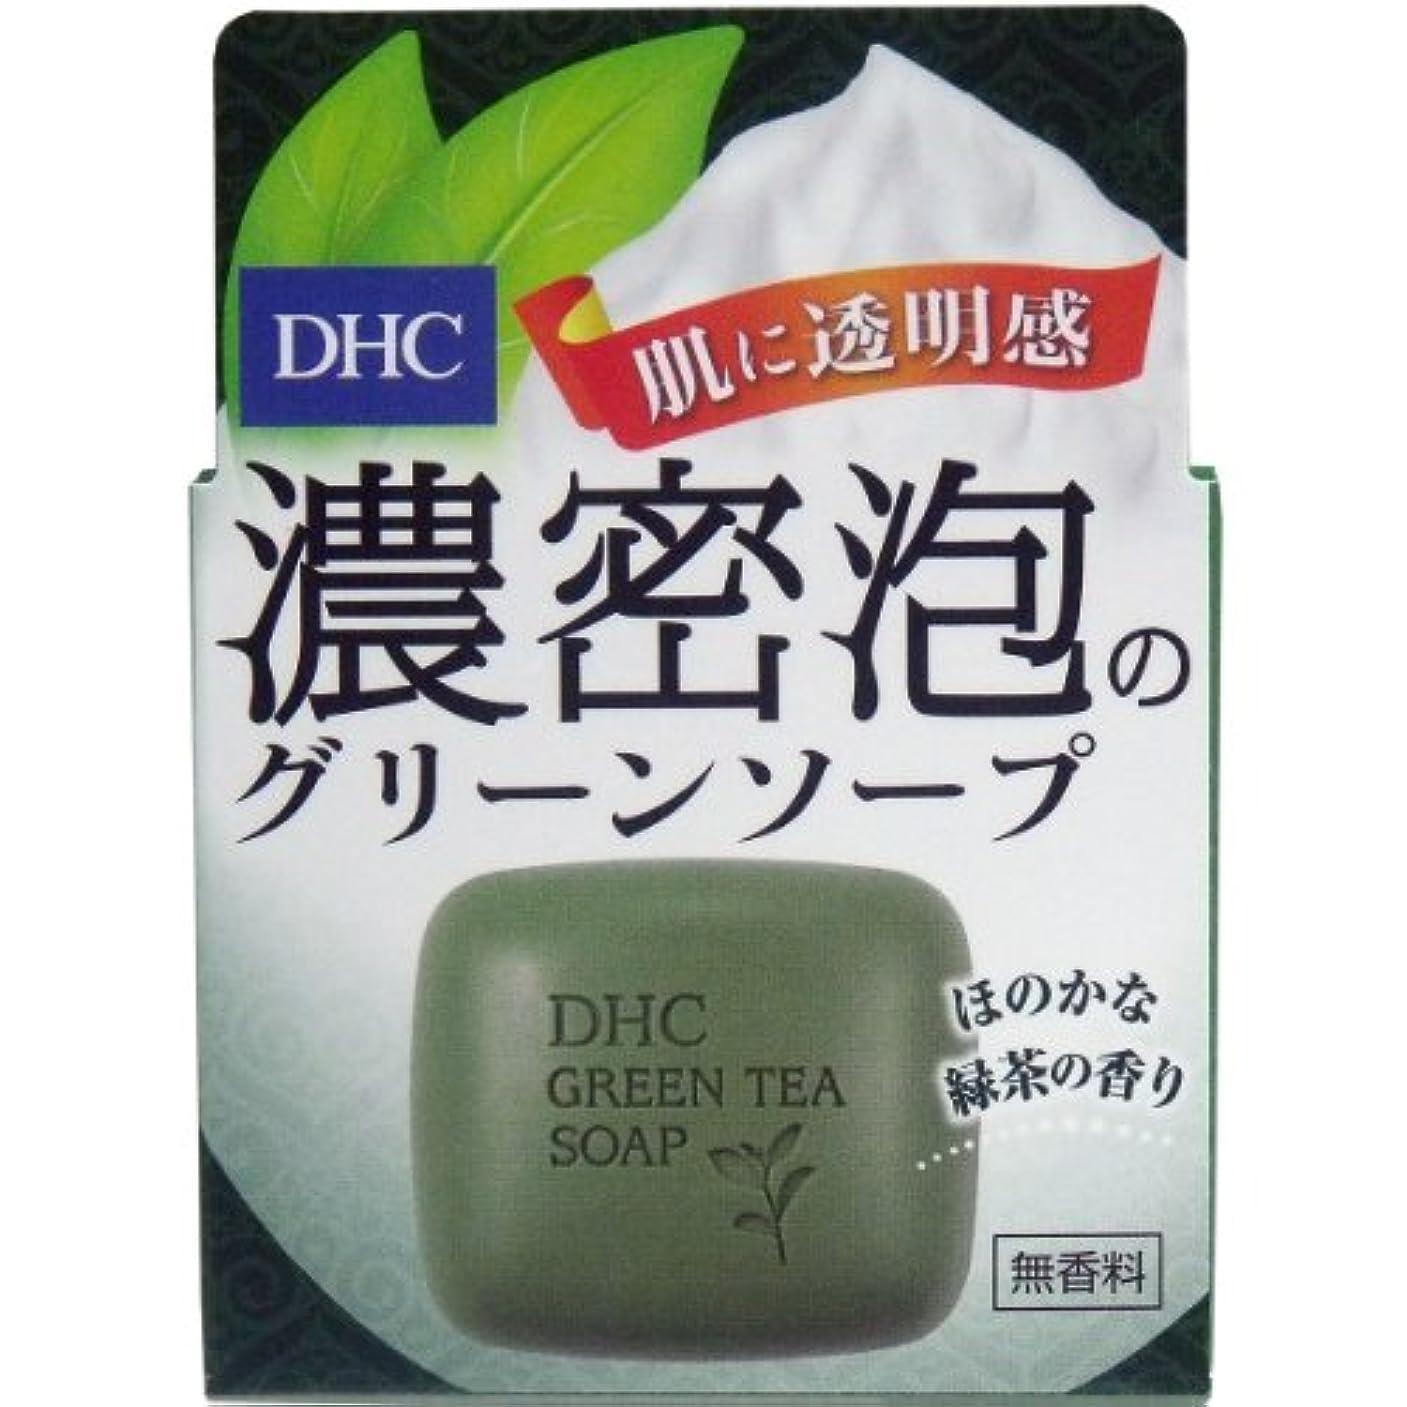 ワーディアンケース送るトマト豊かな泡立ちと、クリアな洗い上がりが自慢!DHC グリーンソープ <石鹸> 60g【2個セット】